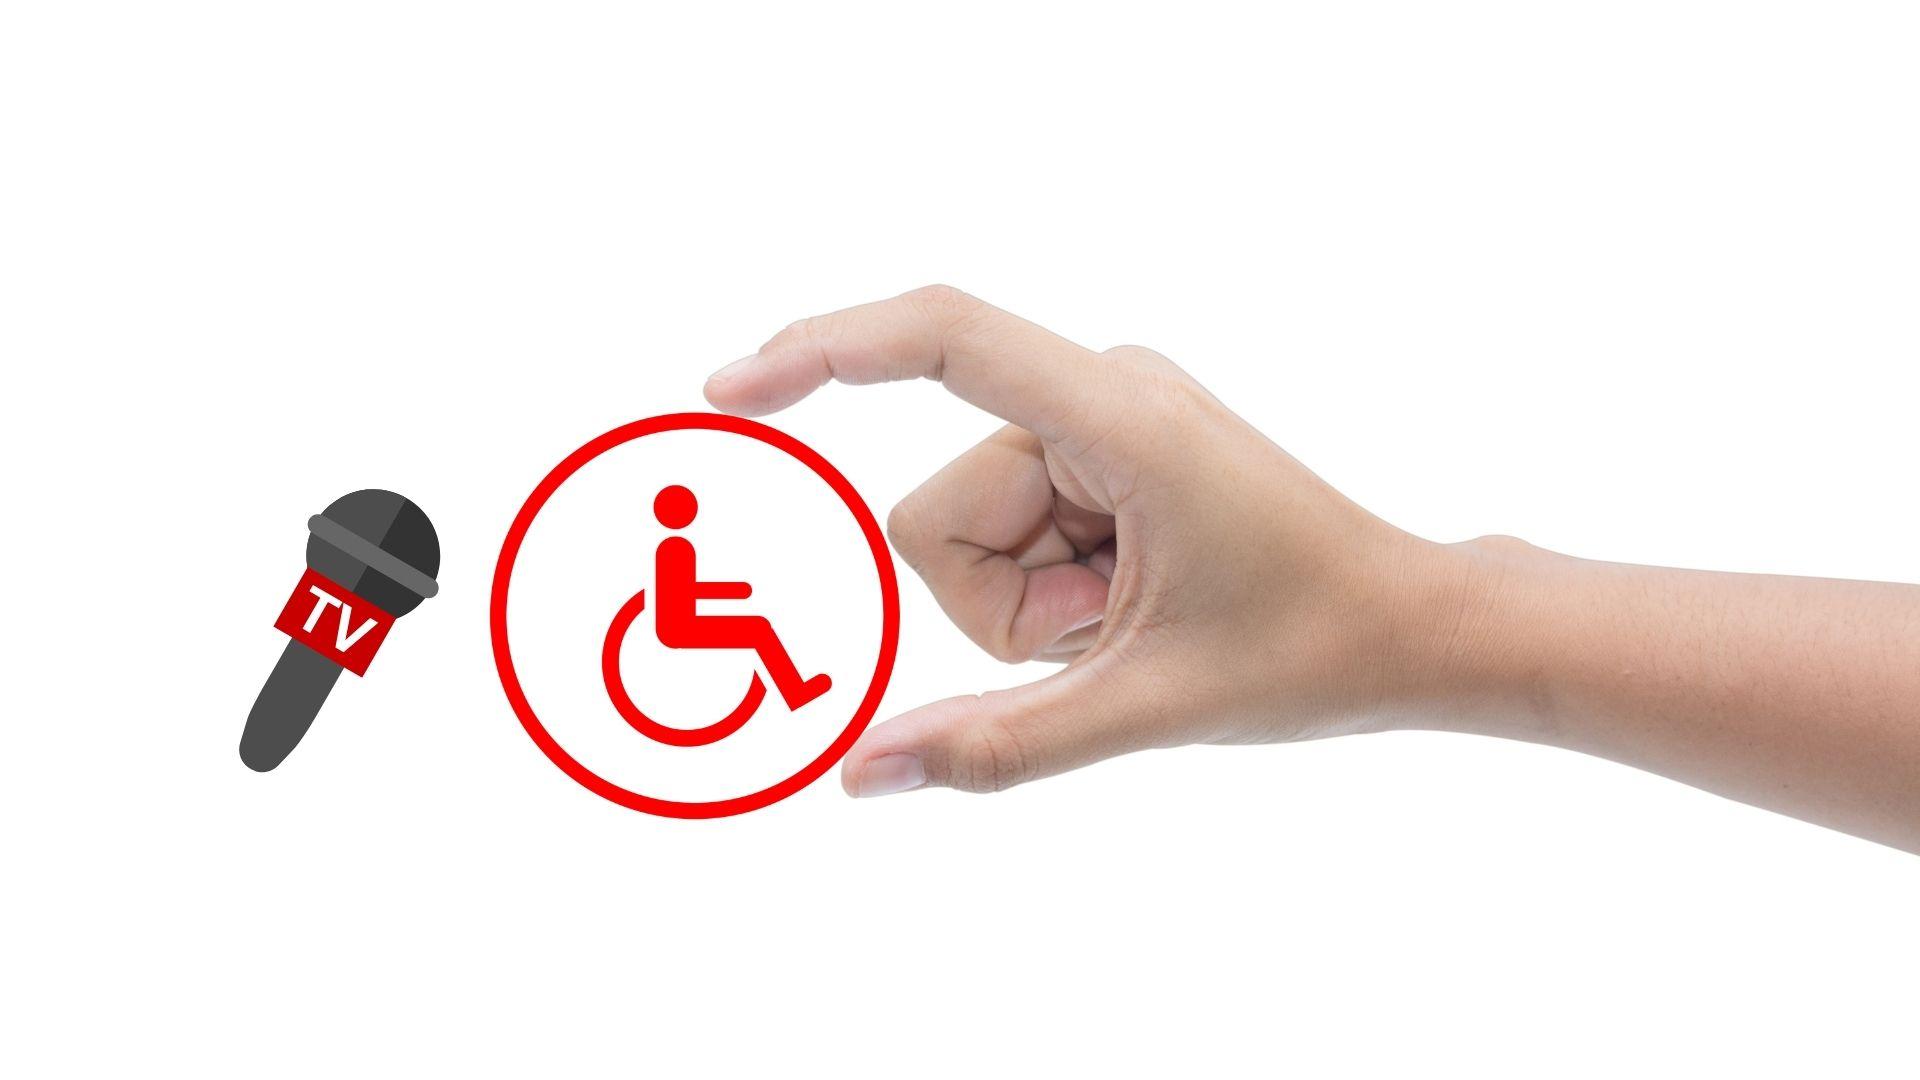 Symbolbild TV-Beitrag über Behinderungen: Hand hält Rollstuhlsymbol, links daneben Mirkofon mit Aufschrift TV, Credit: Canva